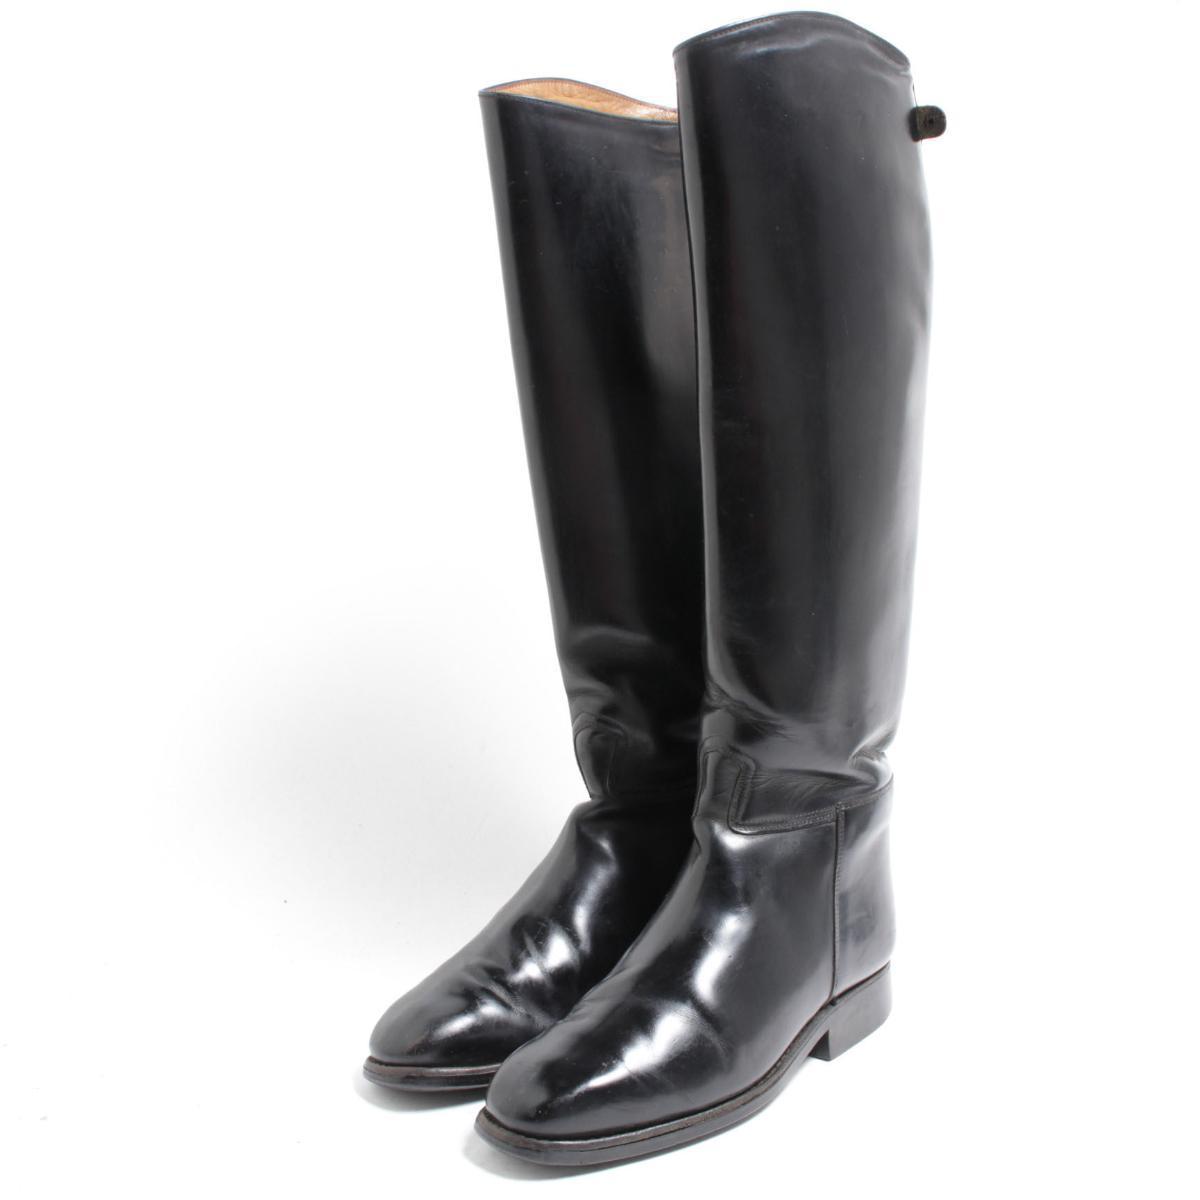 カバロ Cavallo ジョッキー乗馬ブーツ 4.5 レディース22.5cm /bom6789 【中古】【古着屋JAM】 【180701】